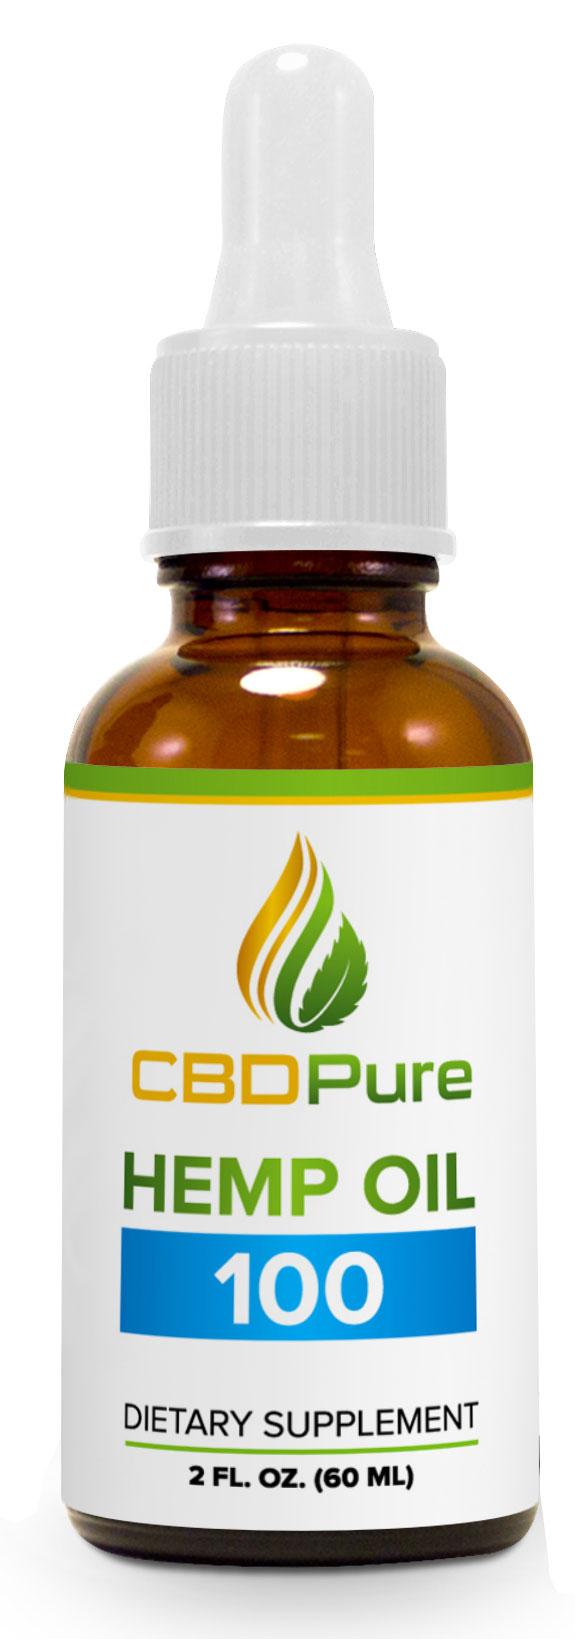 CBD Hemp Oil 100